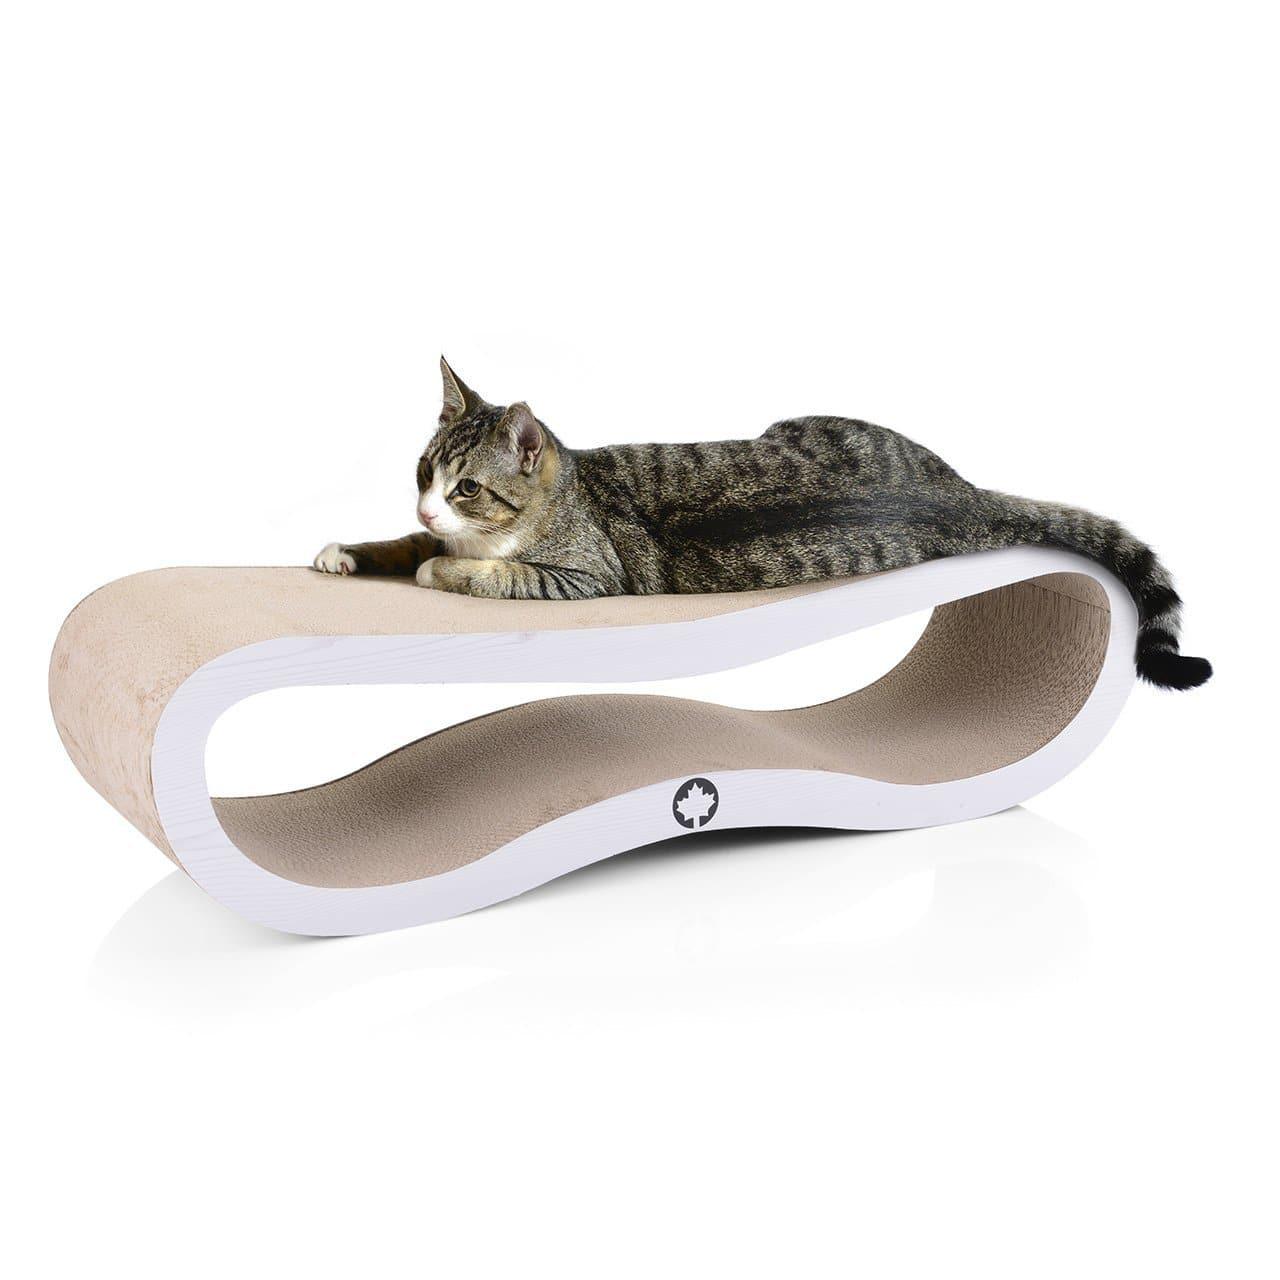 kratzm bel aus wellpappe f r katzen katzenlounge aus pappe. Black Bedroom Furniture Sets. Home Design Ideas